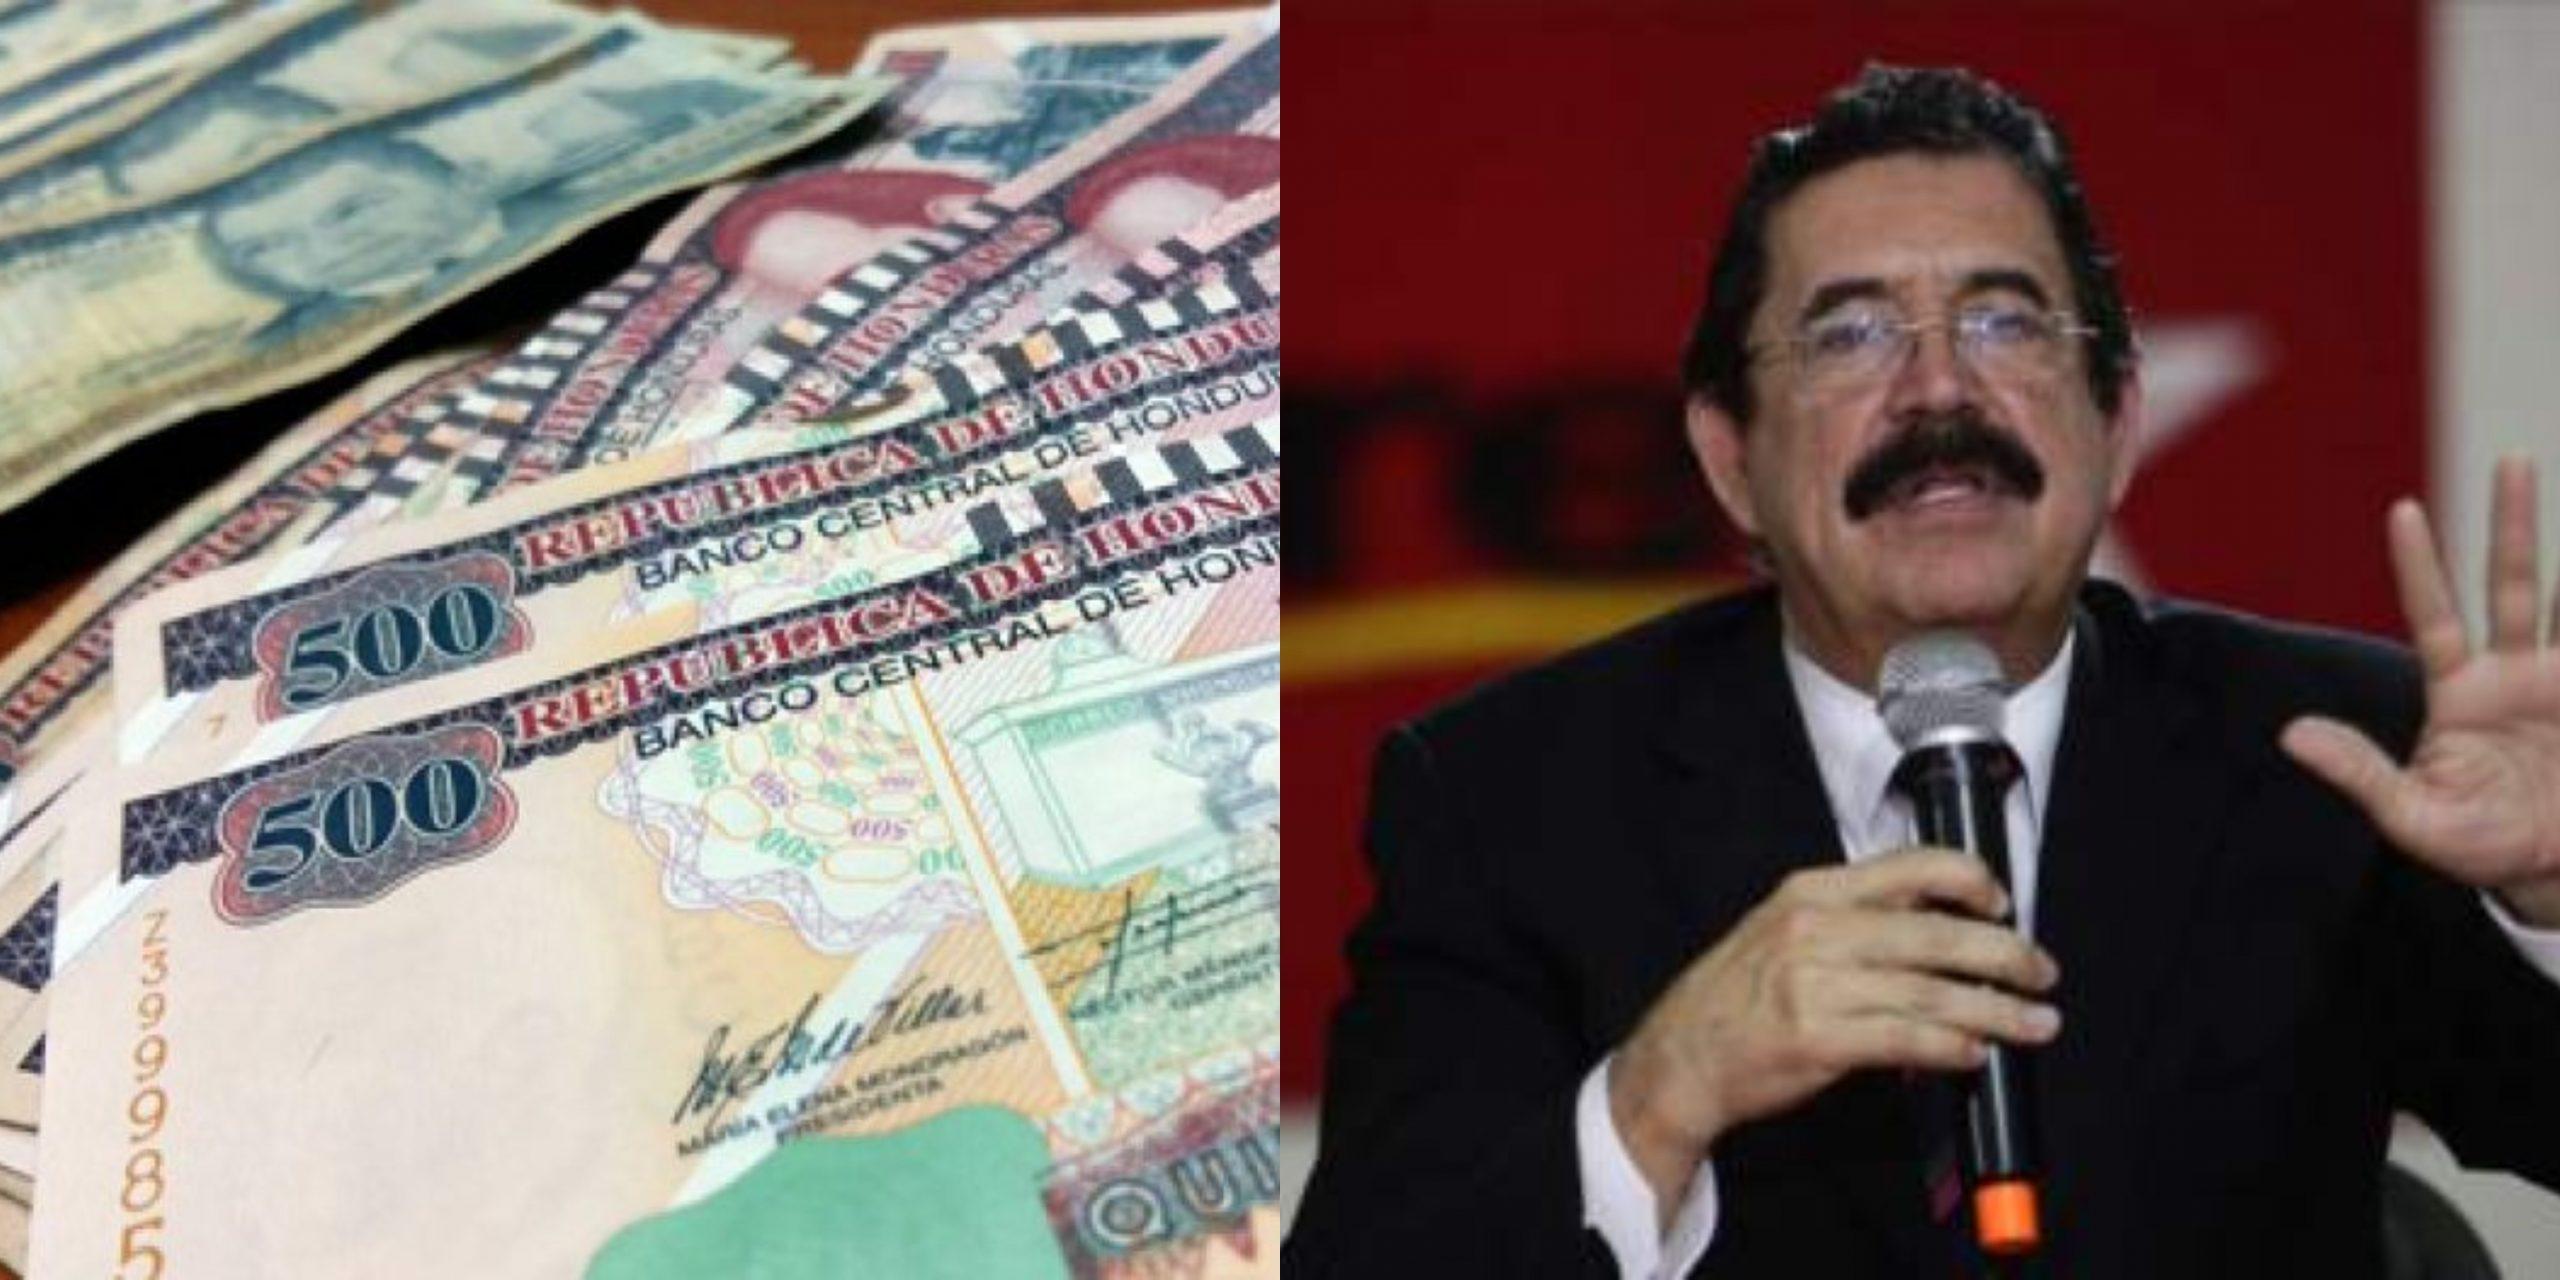 Expresidente Zelaya: Deuda pública adquirida por este gobierno desangrará a cinco generaciones